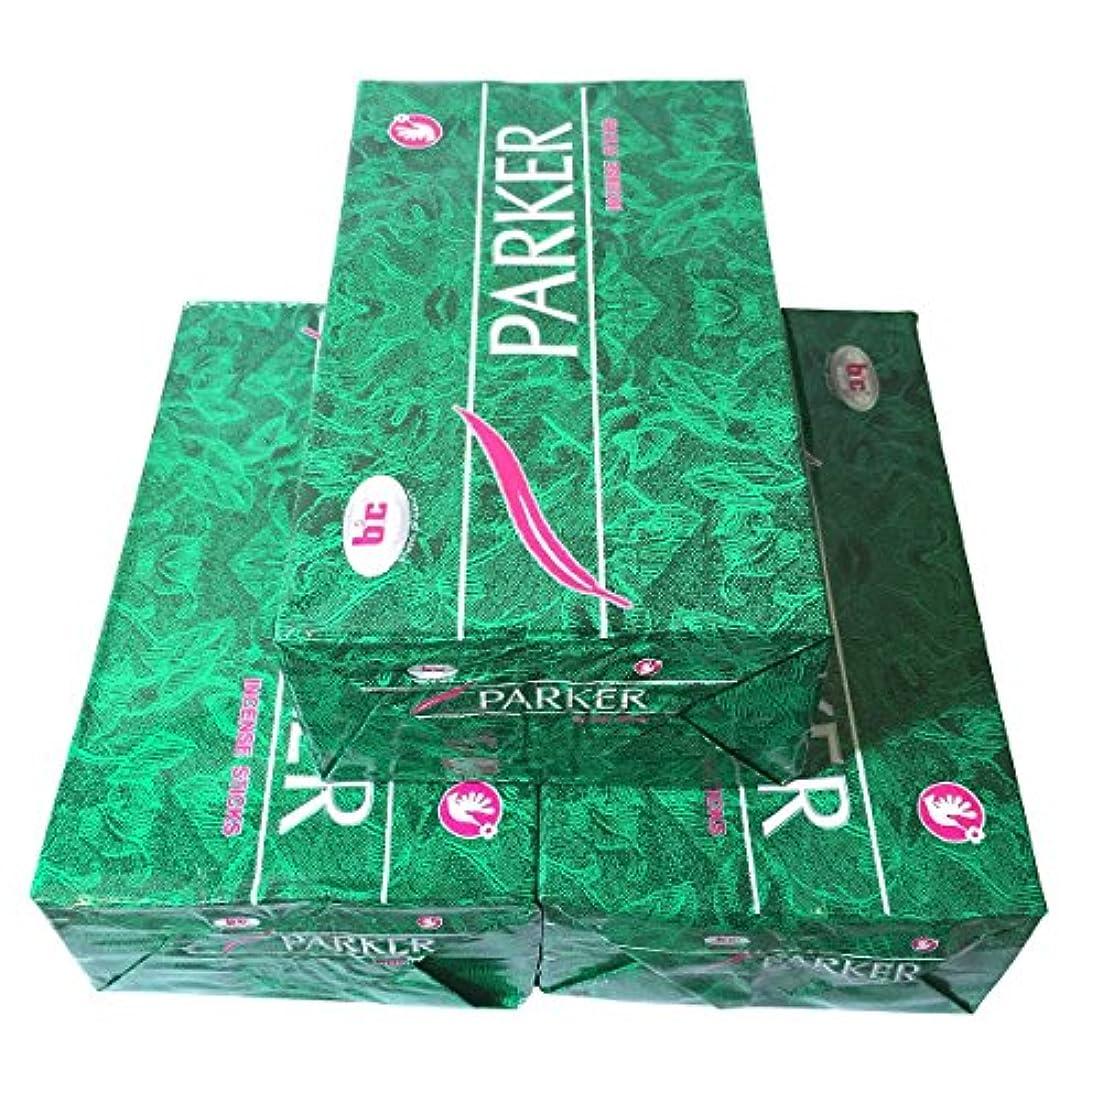 奴隷吸う血まみれパーカー香 3BOX(36箱) 宅配便送料無料/BIC PARKER スティック /インセンス/インド香 お香/アジアン雑貨 [並行輸入品]